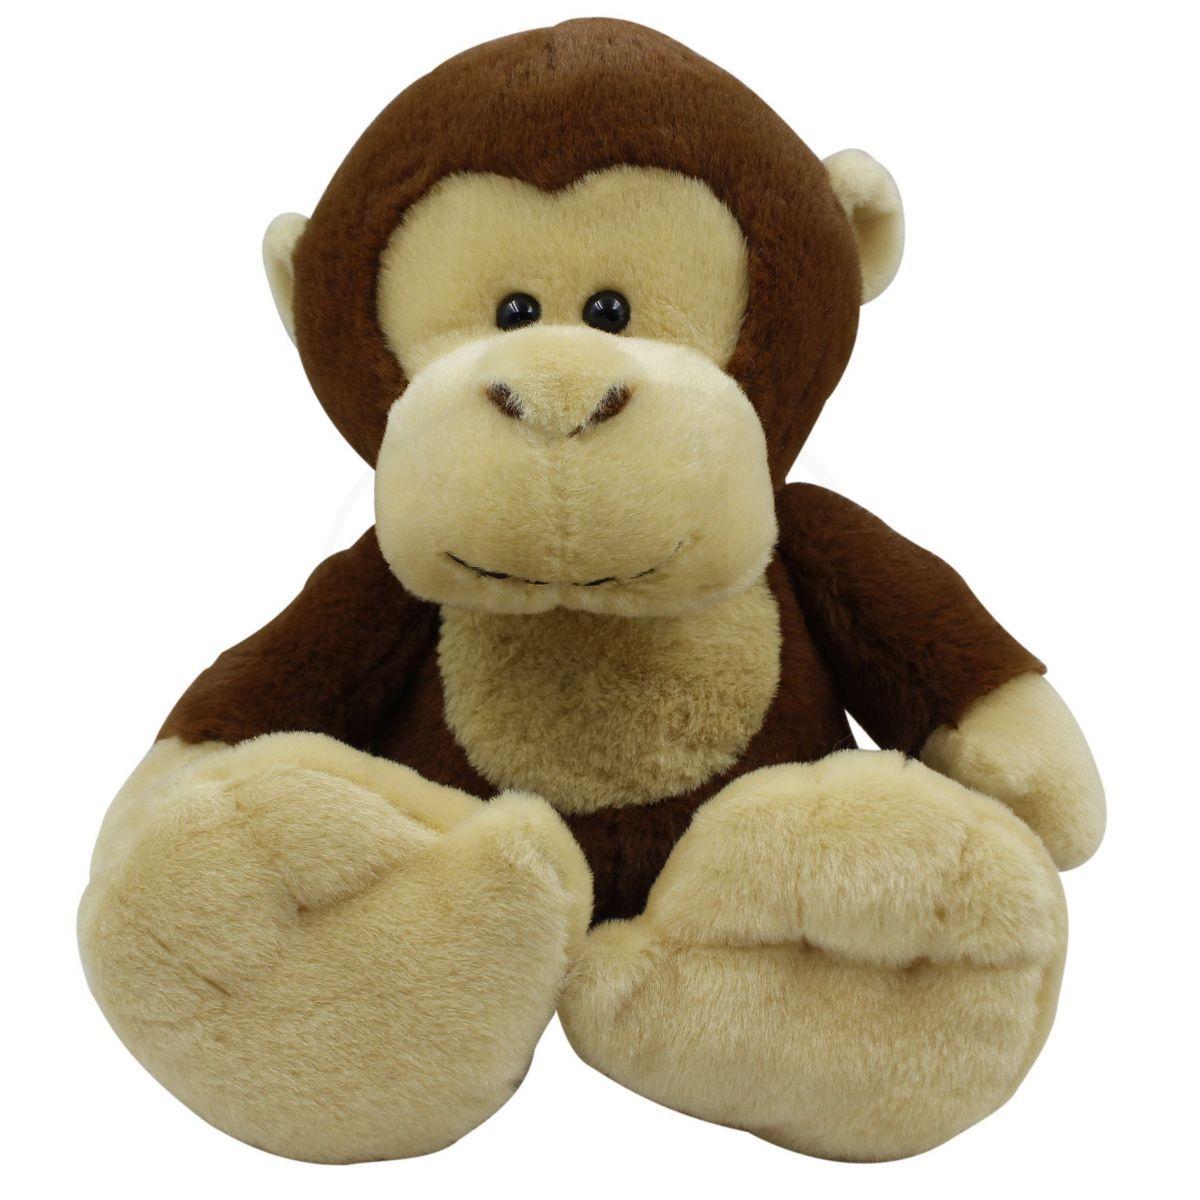 dd77e9bb9 Plysove opice 20 cm levně | Blesk zboží